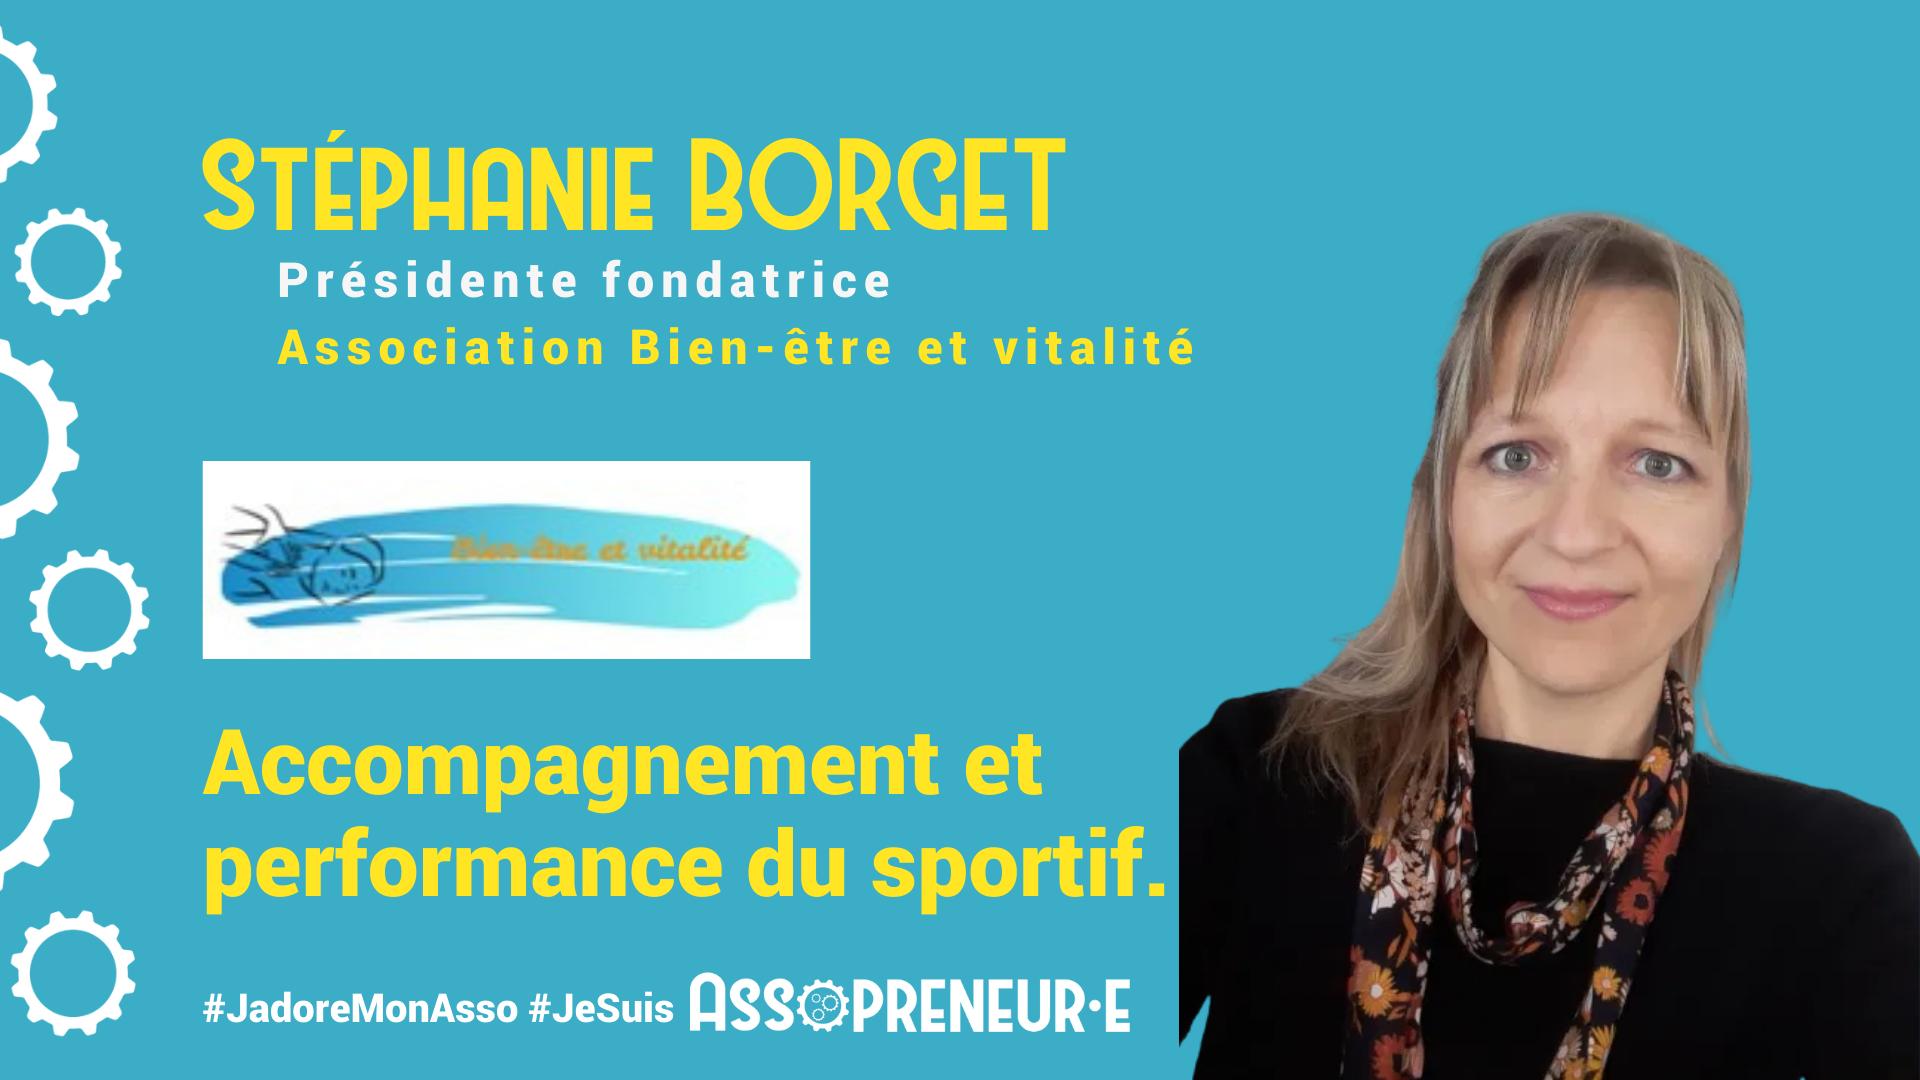 Stephanie BORGET membre programme Assopreneur